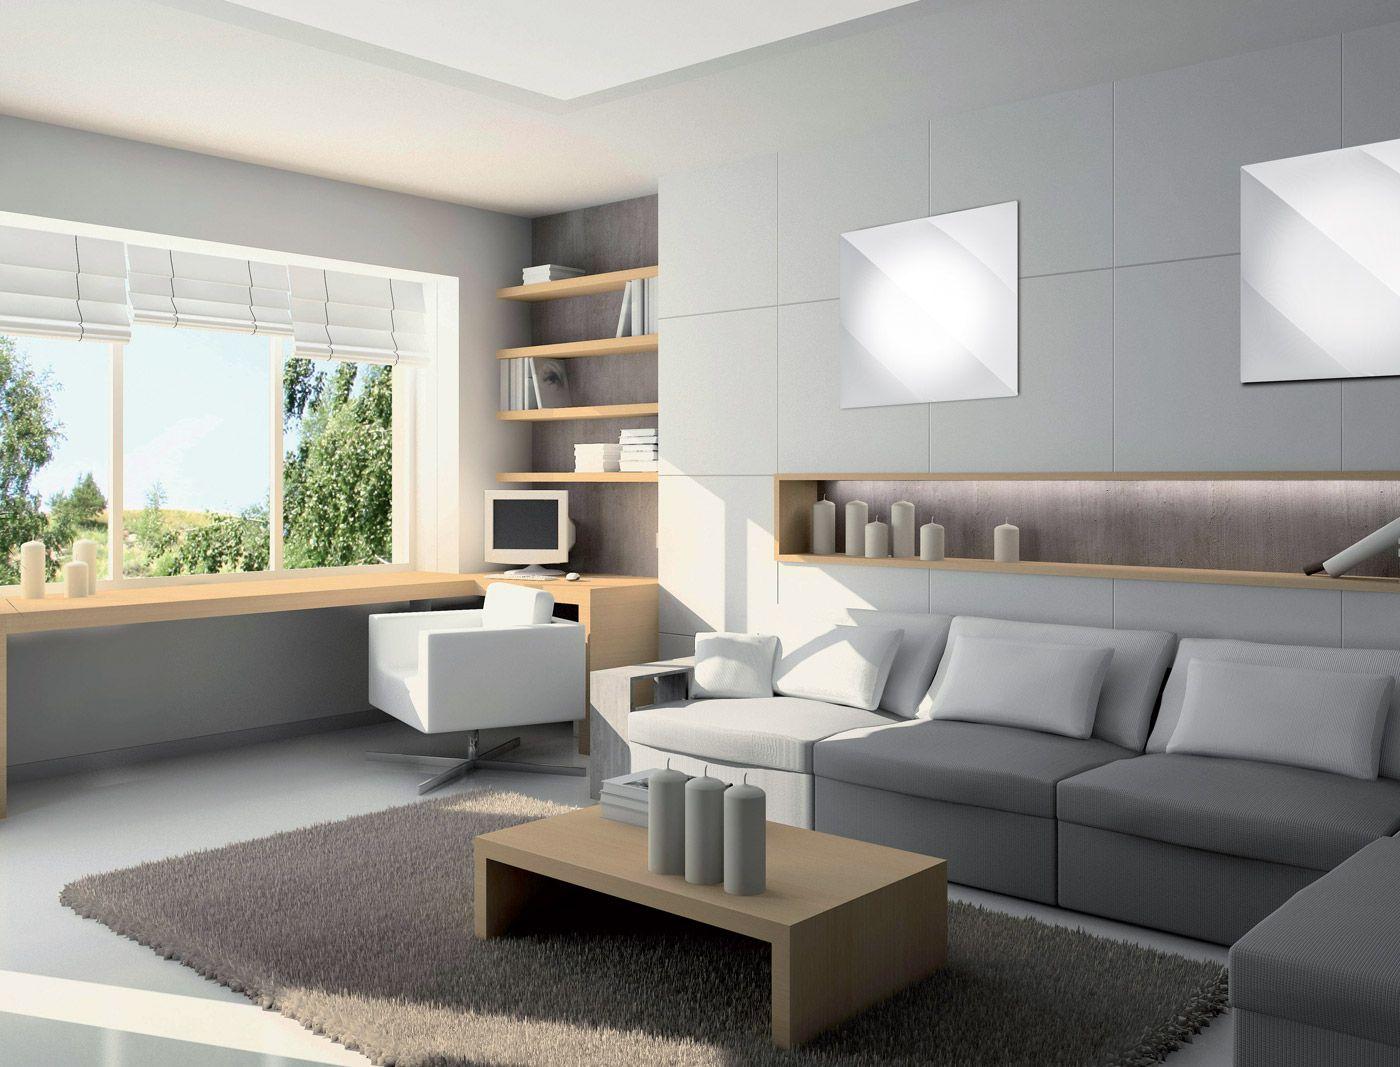 Plafoniera Tessuto Design : Onda feenbo plafoniera quadra con struttura in metallo